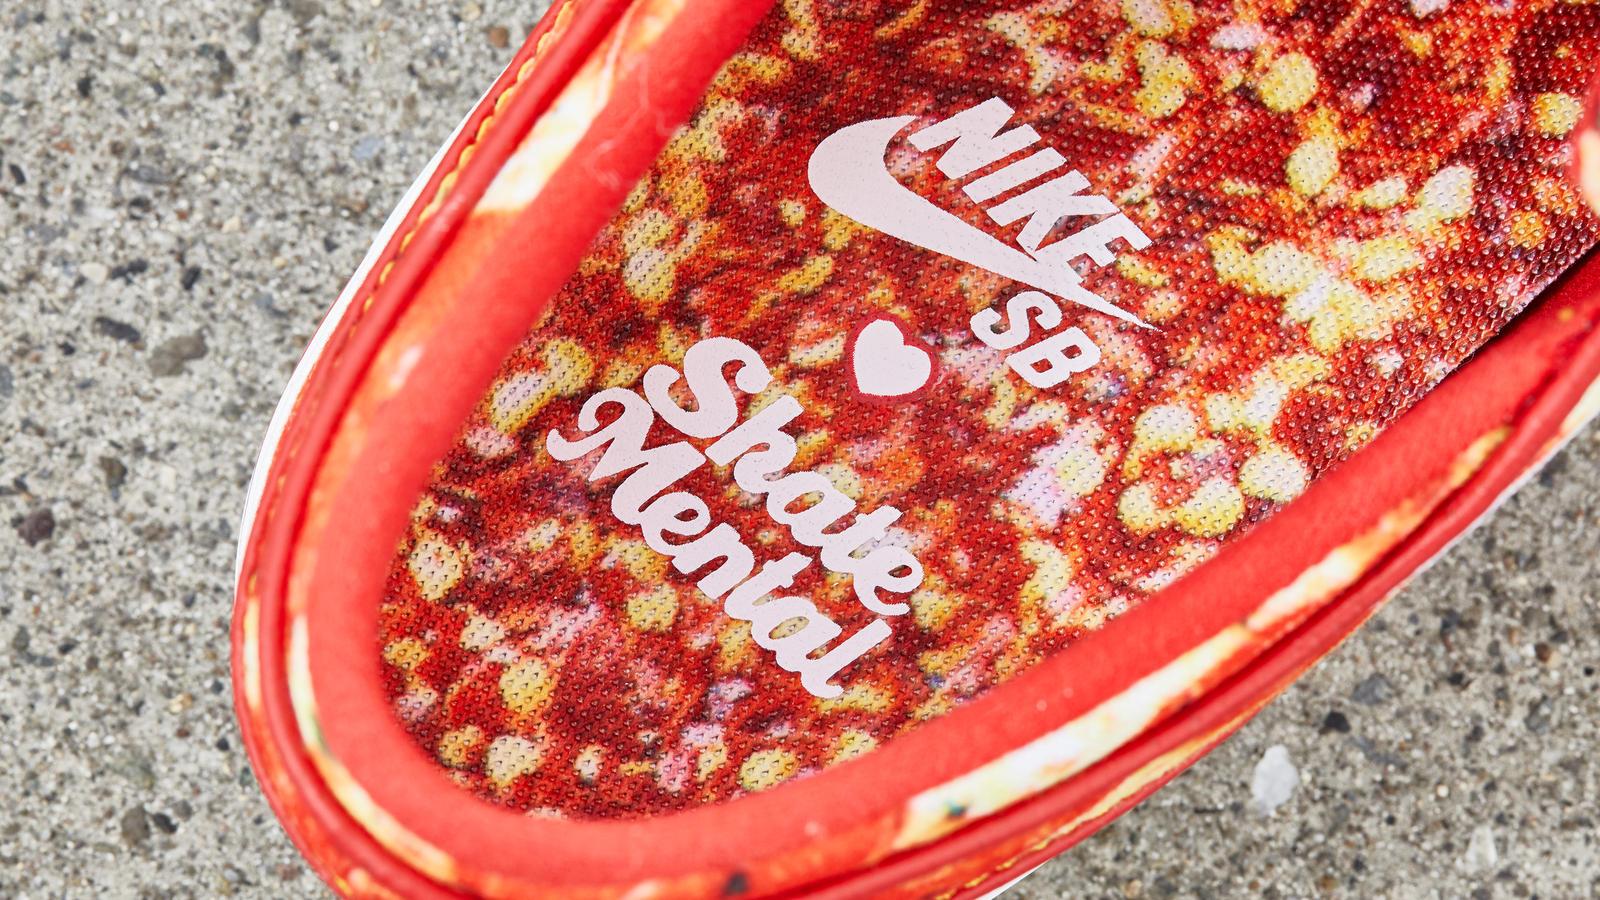 Nike SB Zoom Stefan Janoski 'Skate Mental'